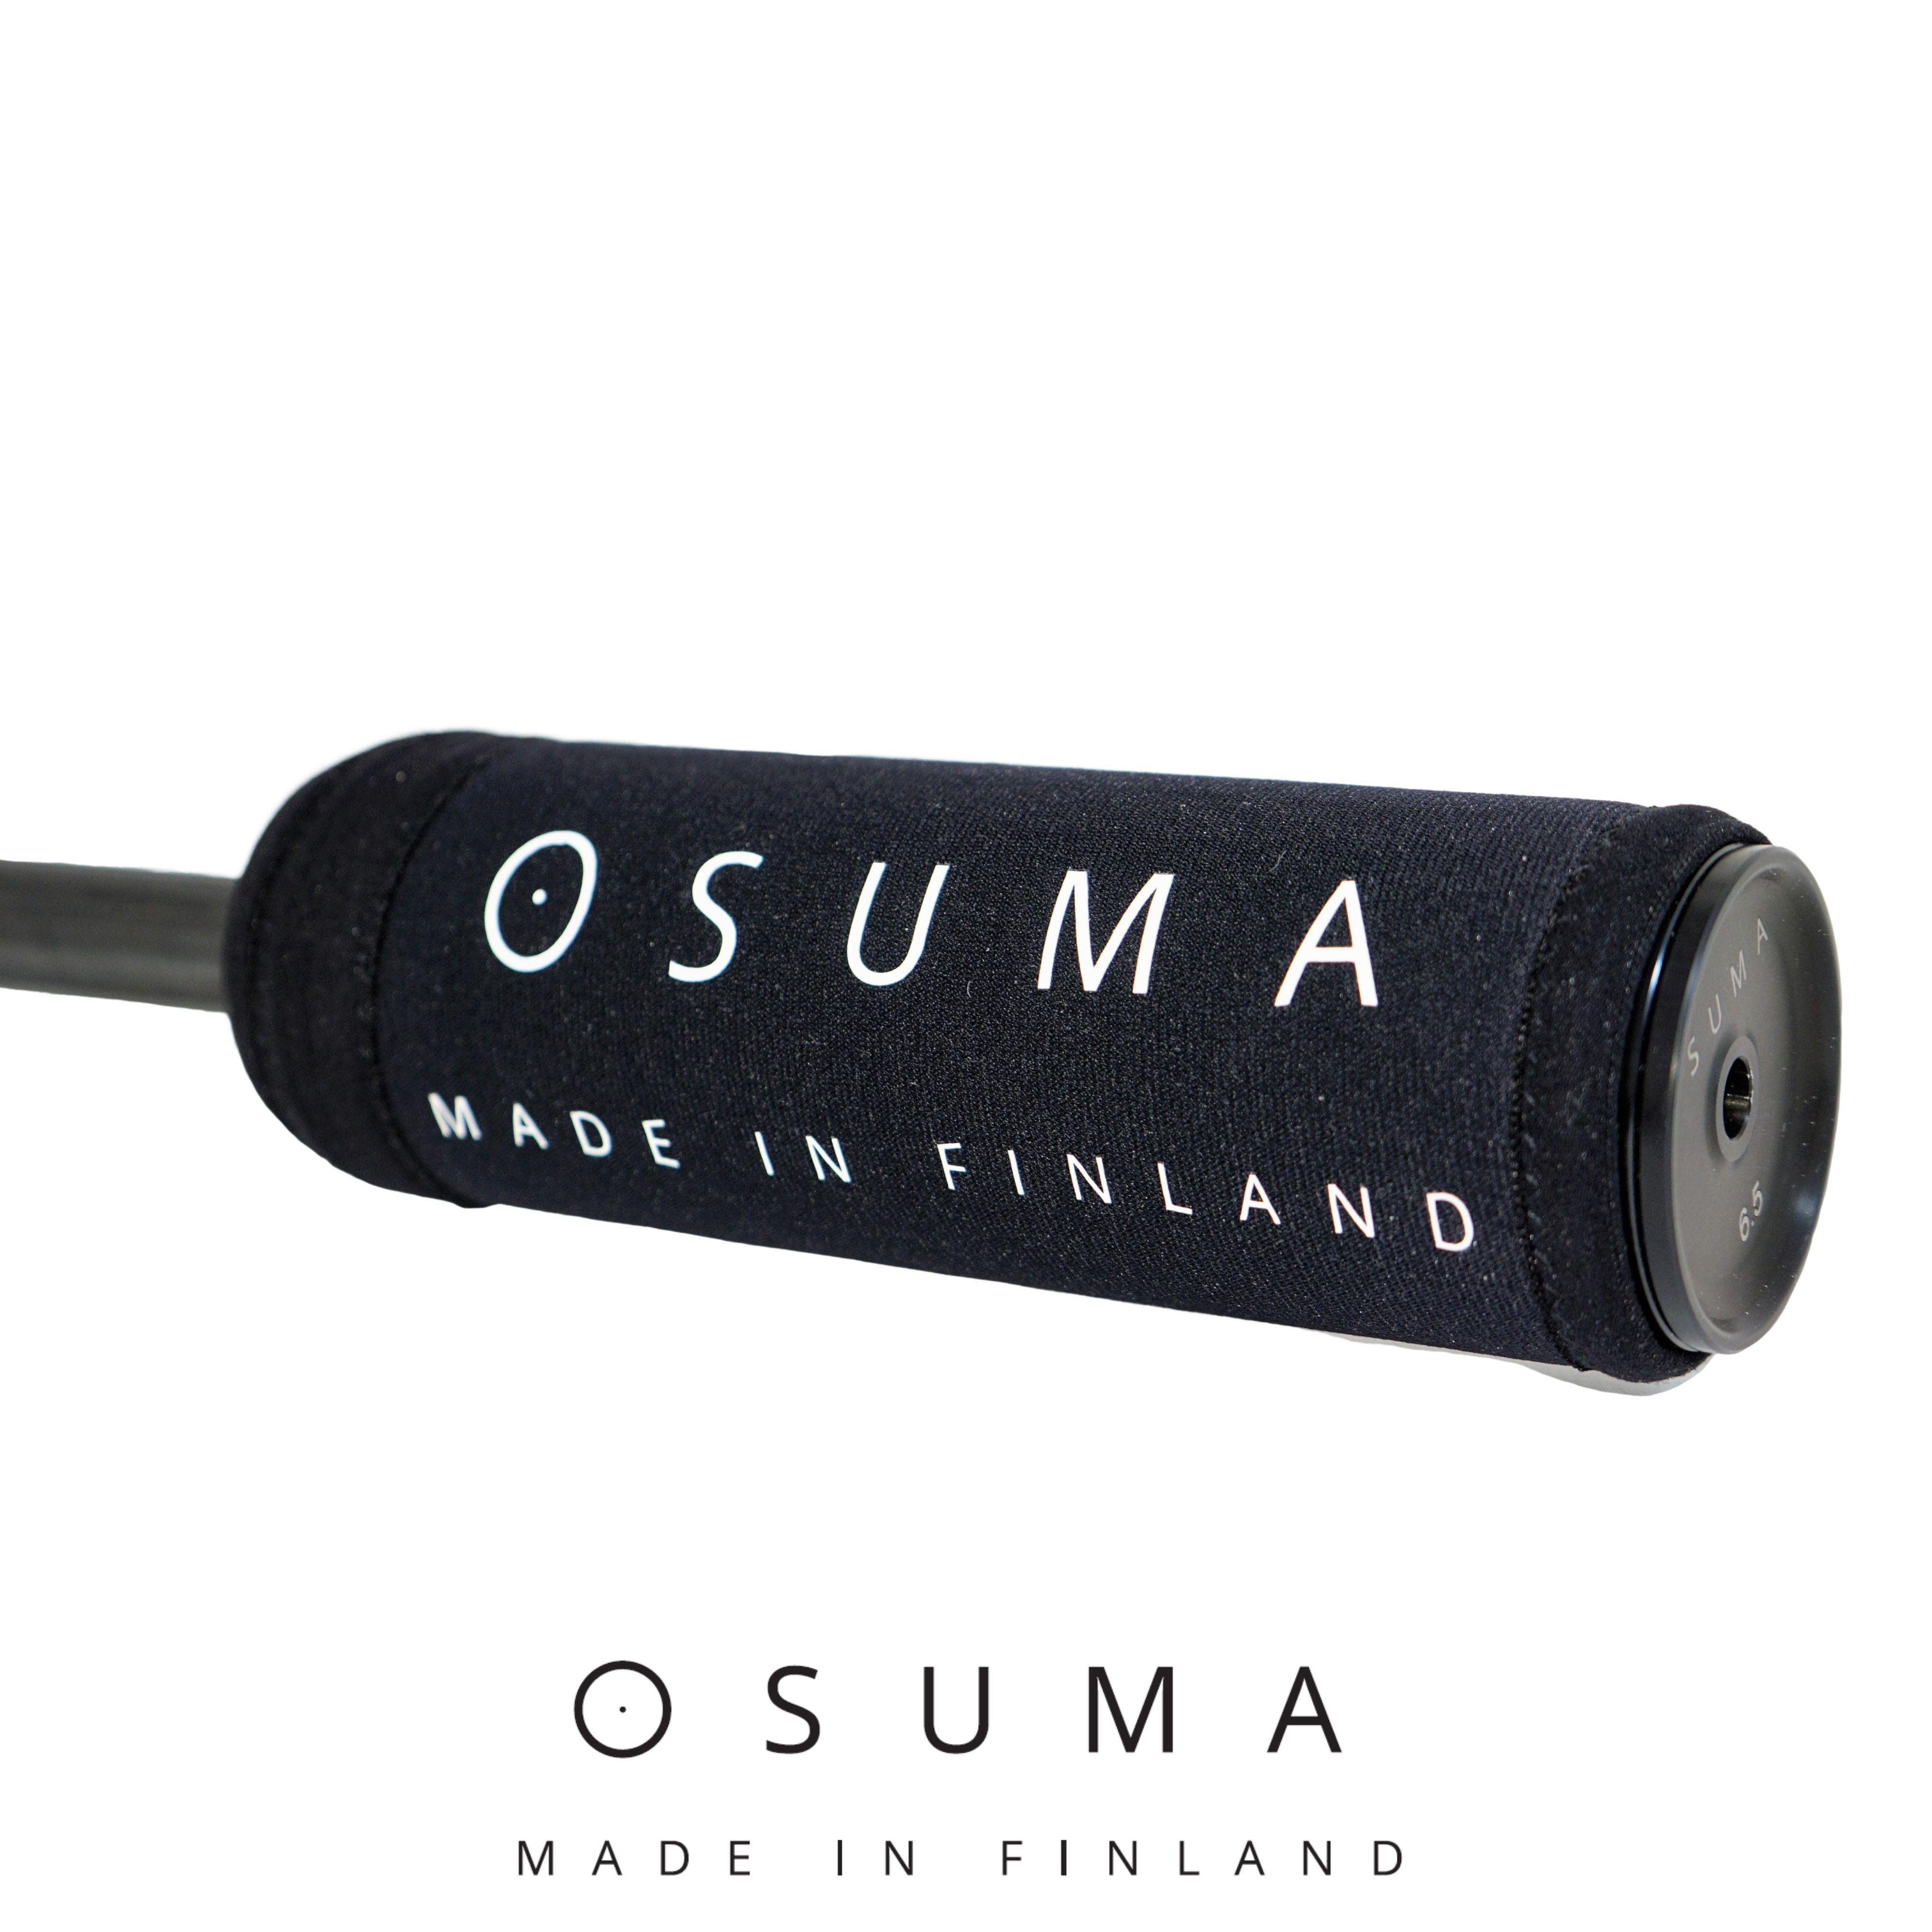 Osuma äänenvaimentimen suojus 170 mm